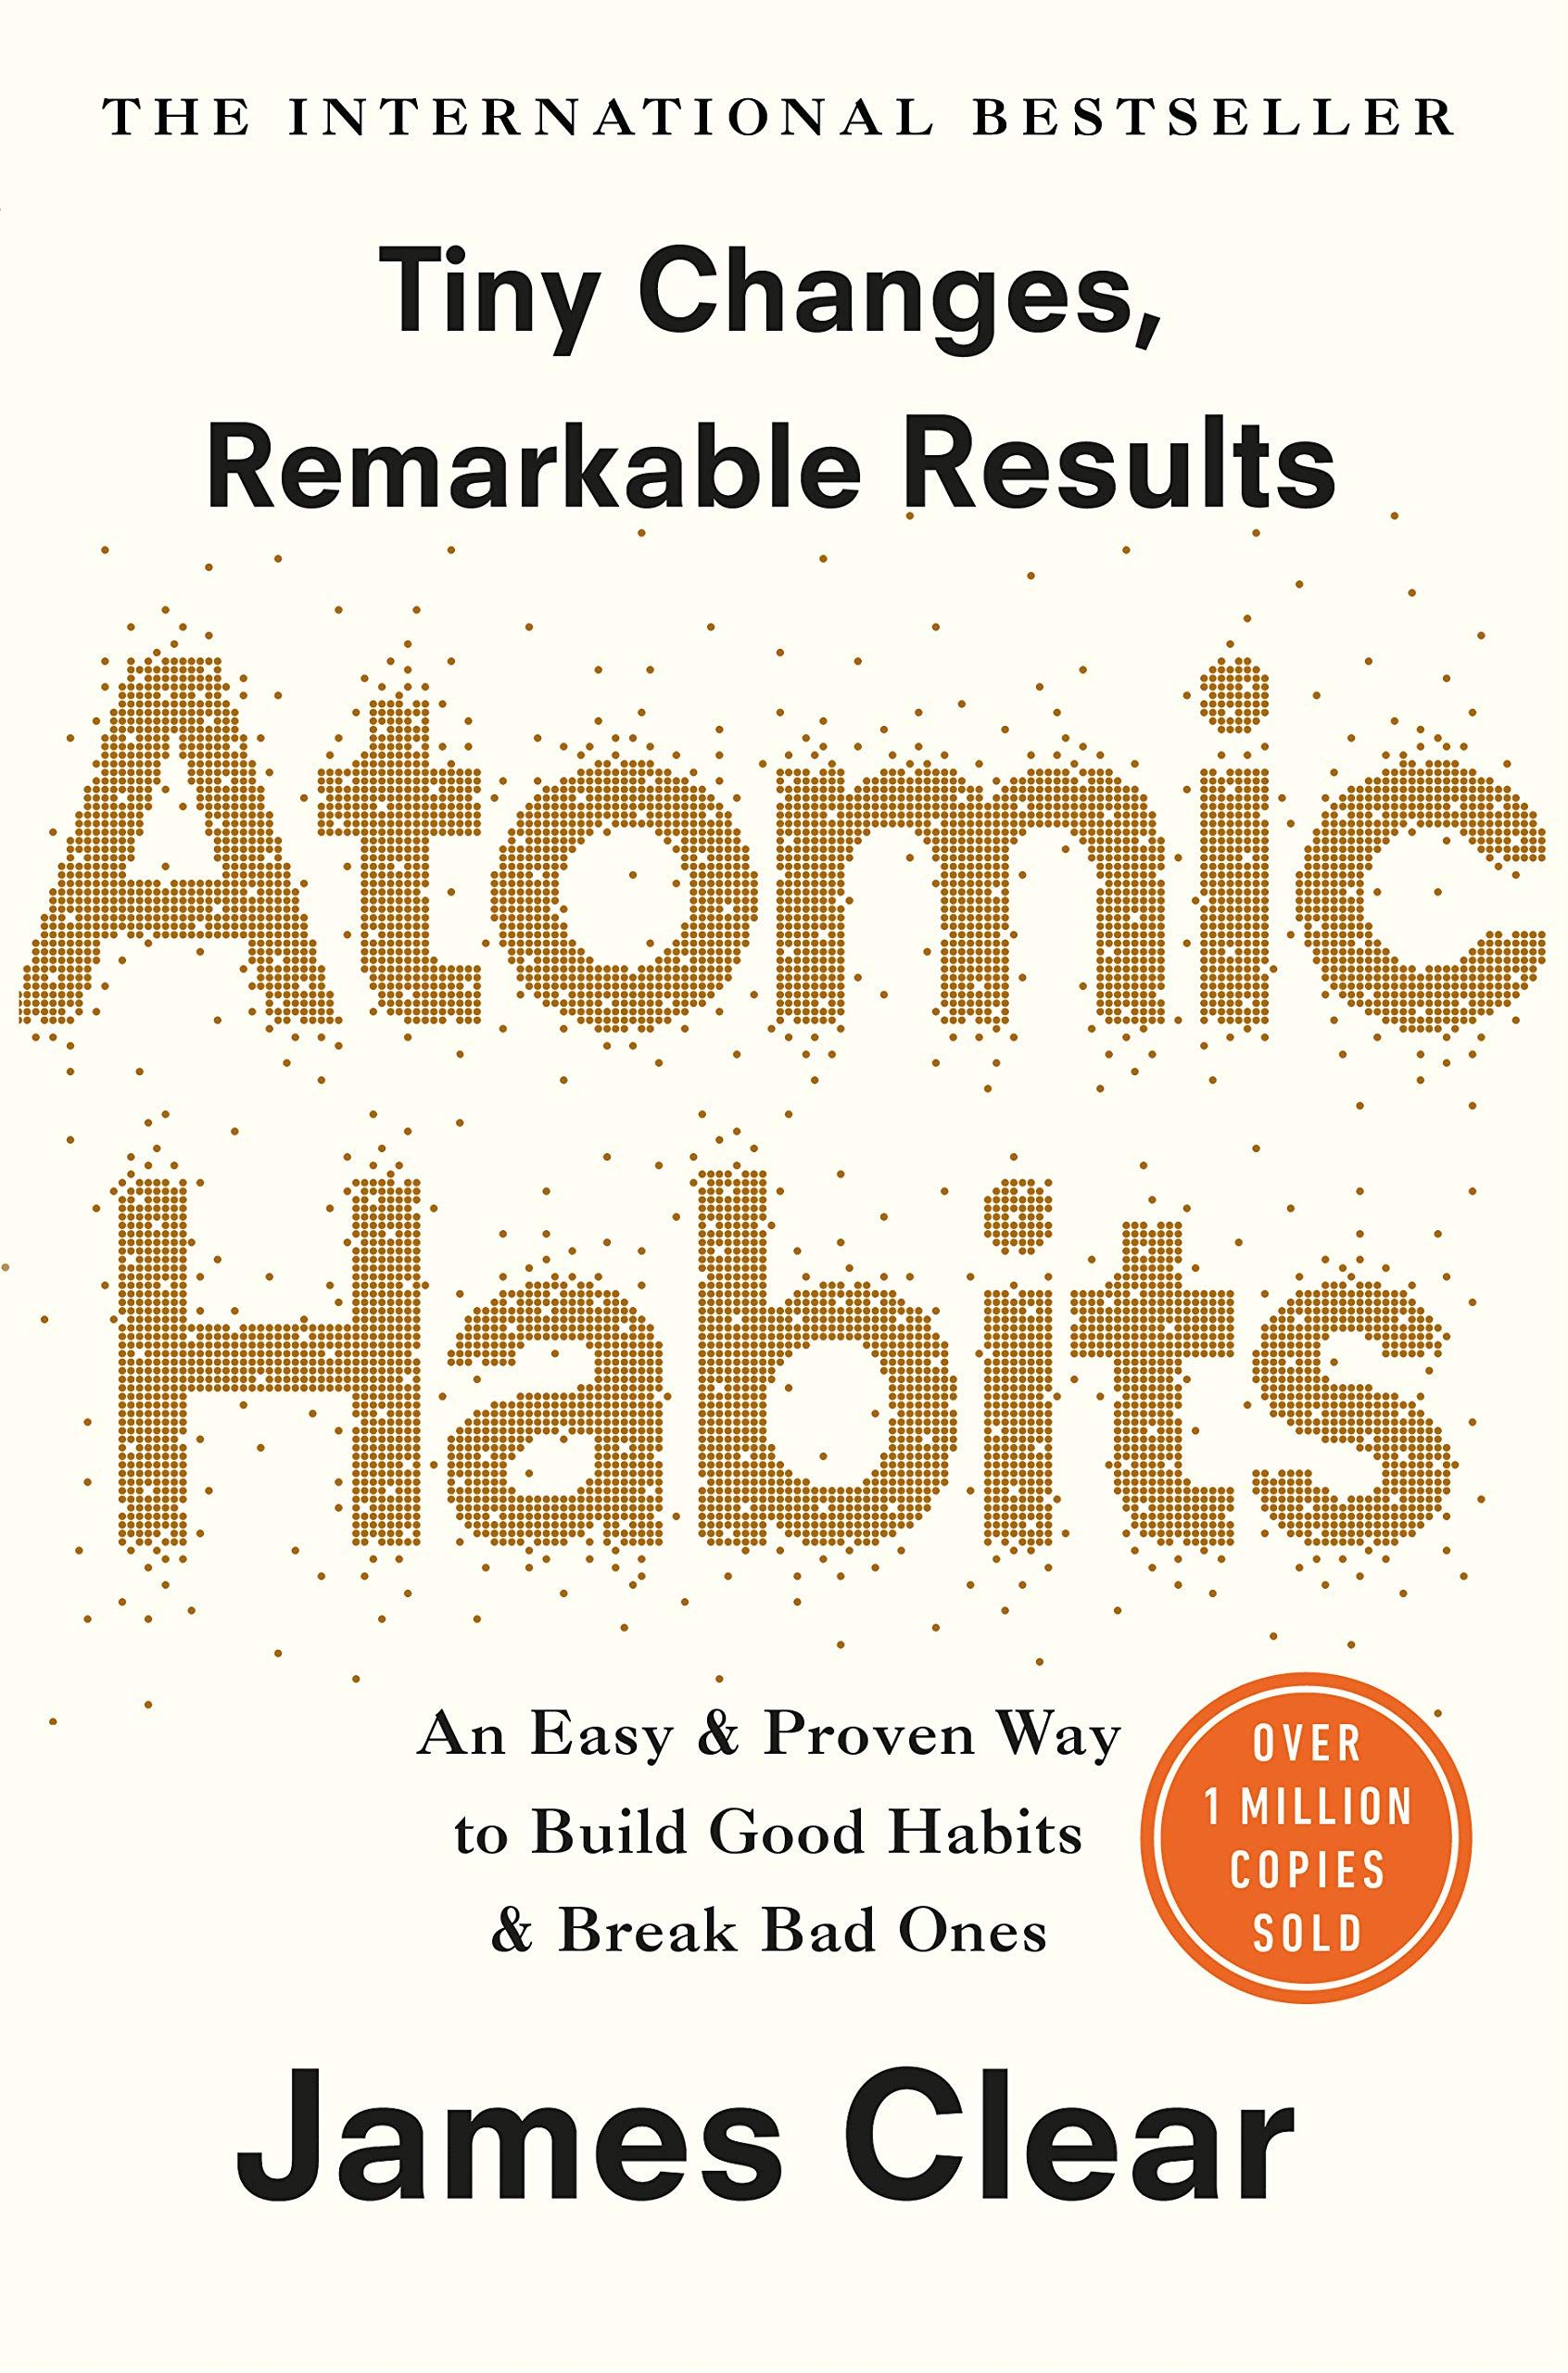 17 ventas b2b books